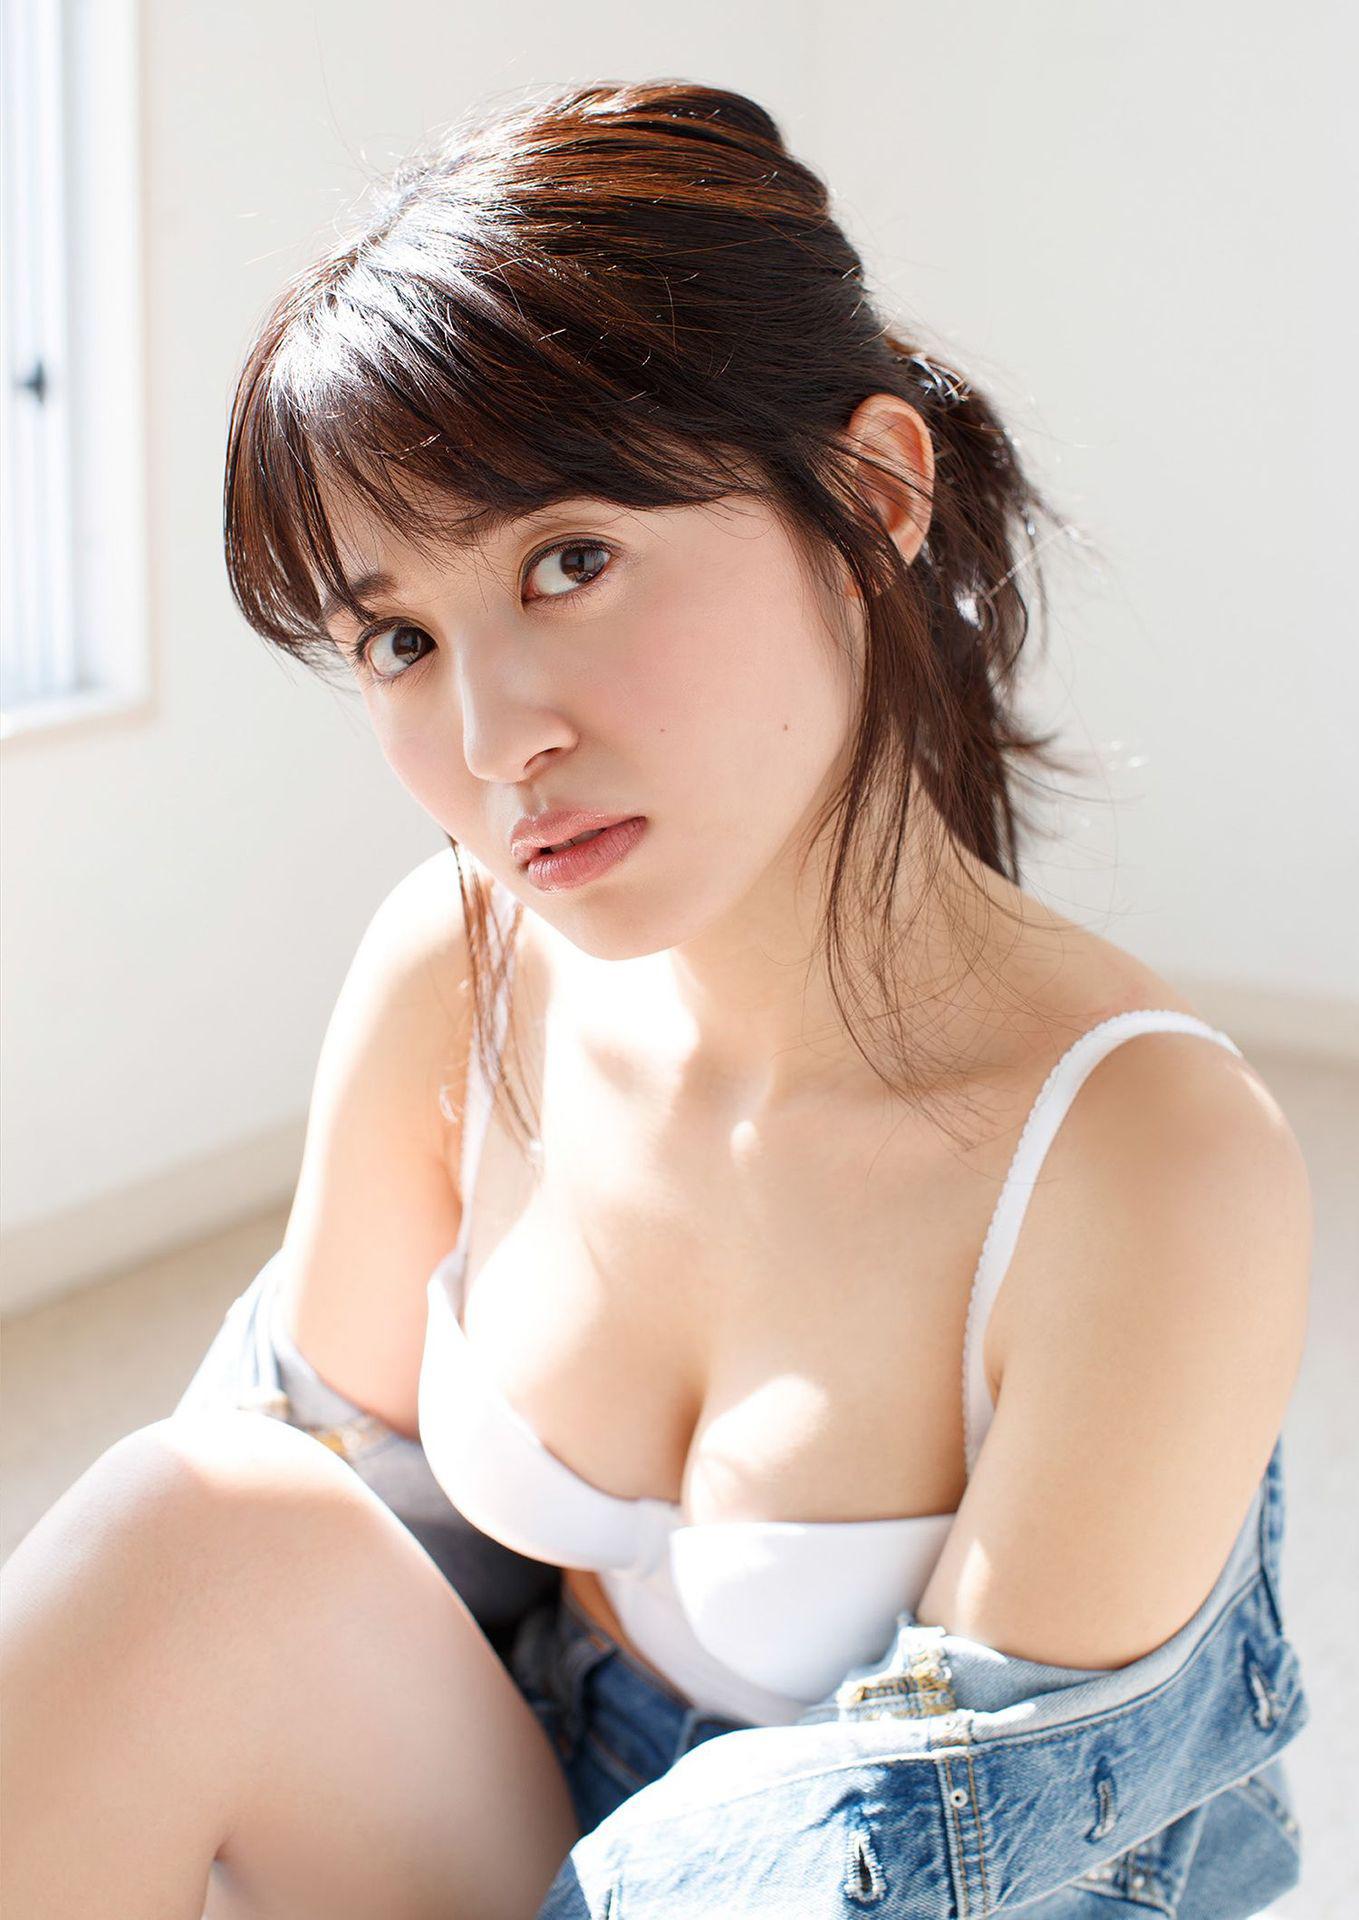 Voice actor Rikako Oita023